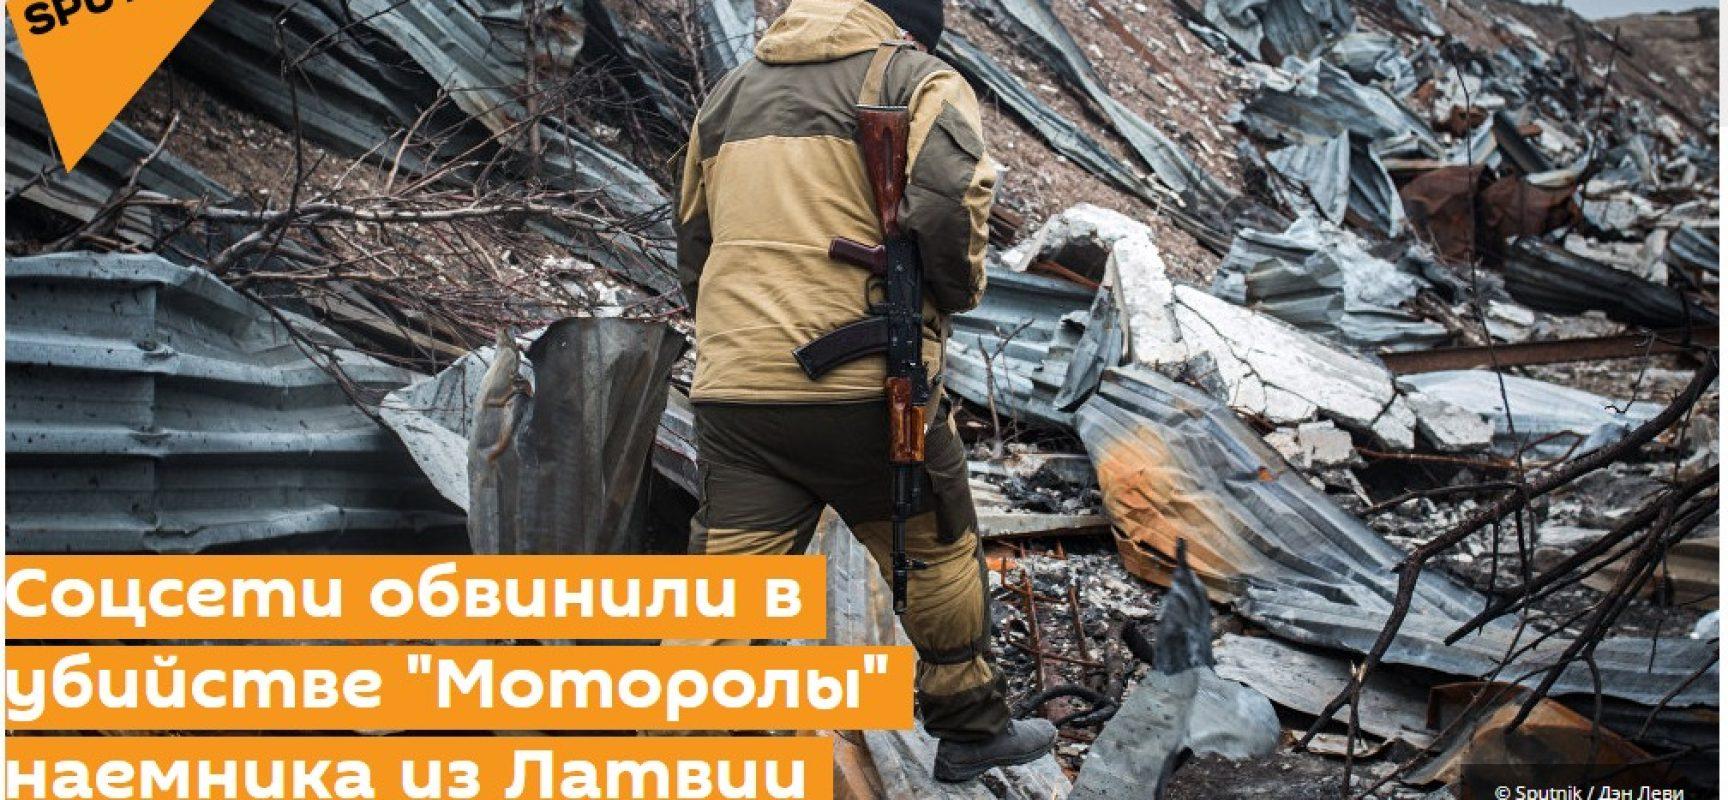 Fake  : Motorola ucciso da un mercenario lettone